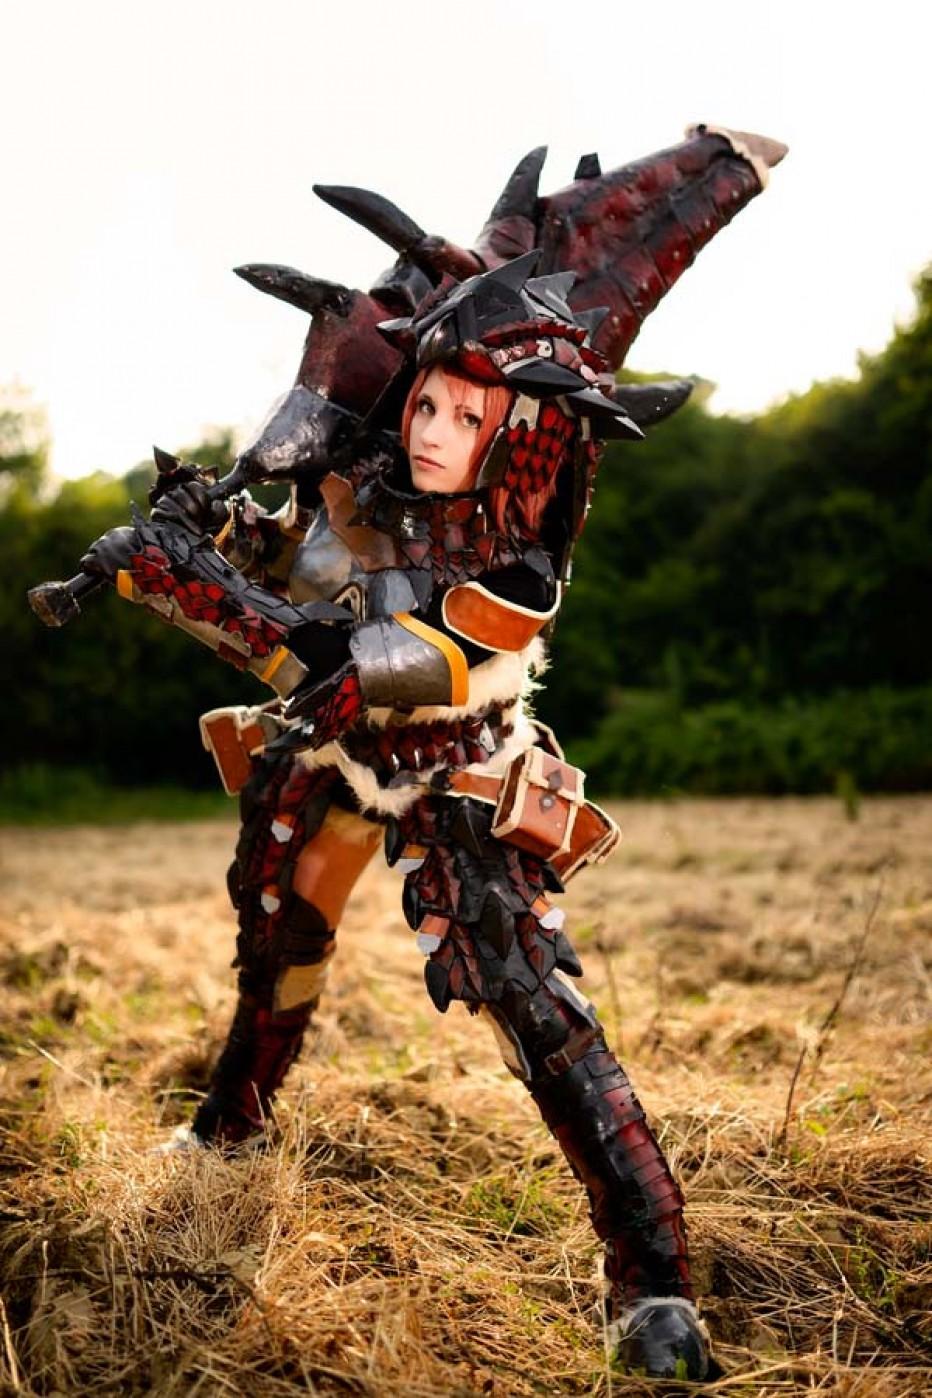 rathalos_monster_hunter_cosplay_by_kickacosplay-d7niorh.jpg